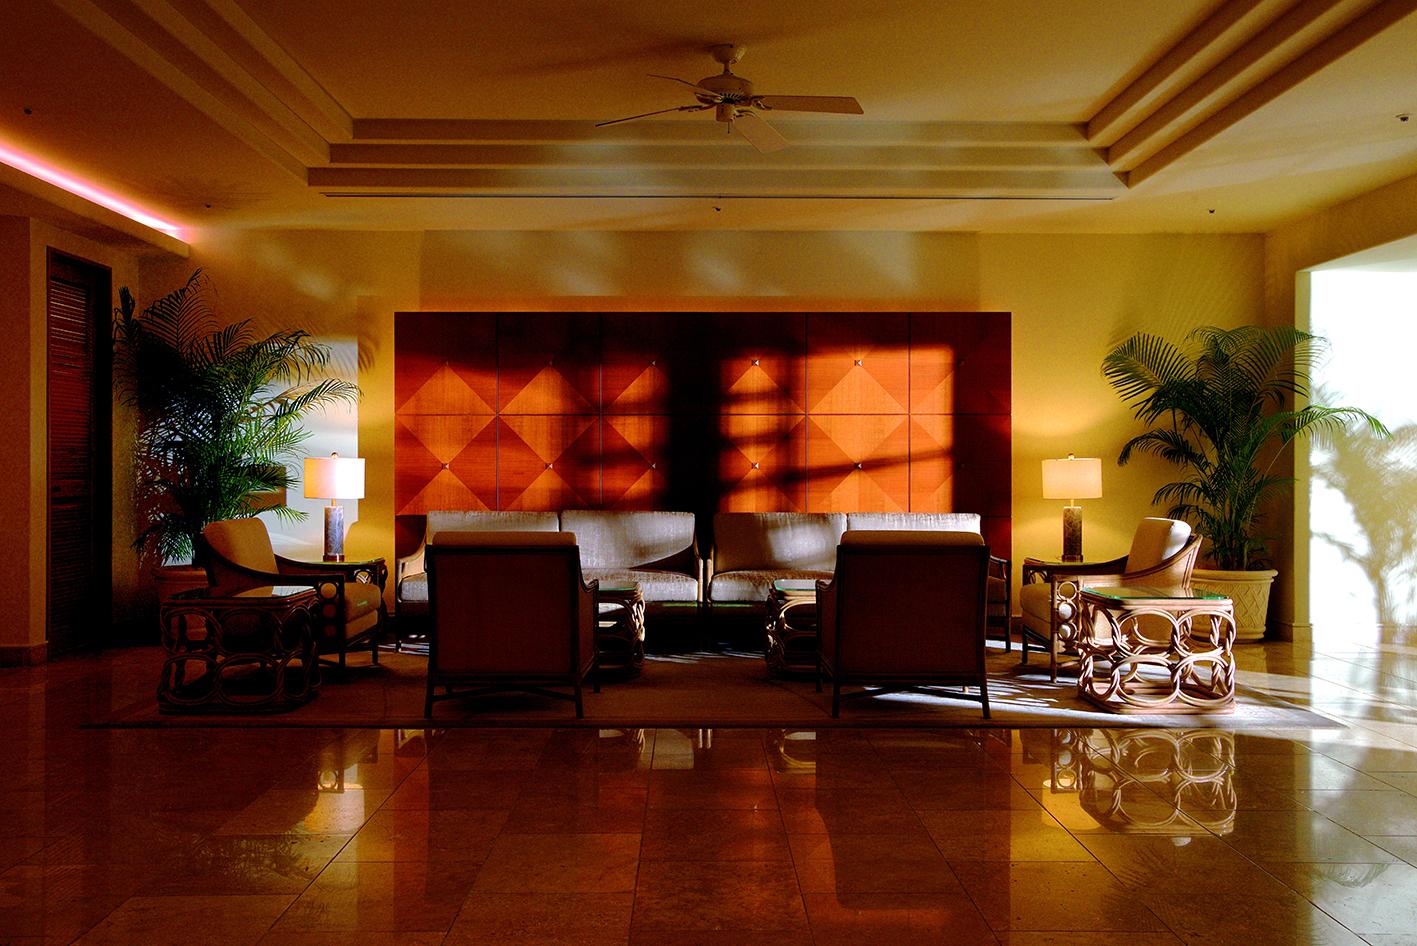 ホテル施設イメージのフォトギャラリー